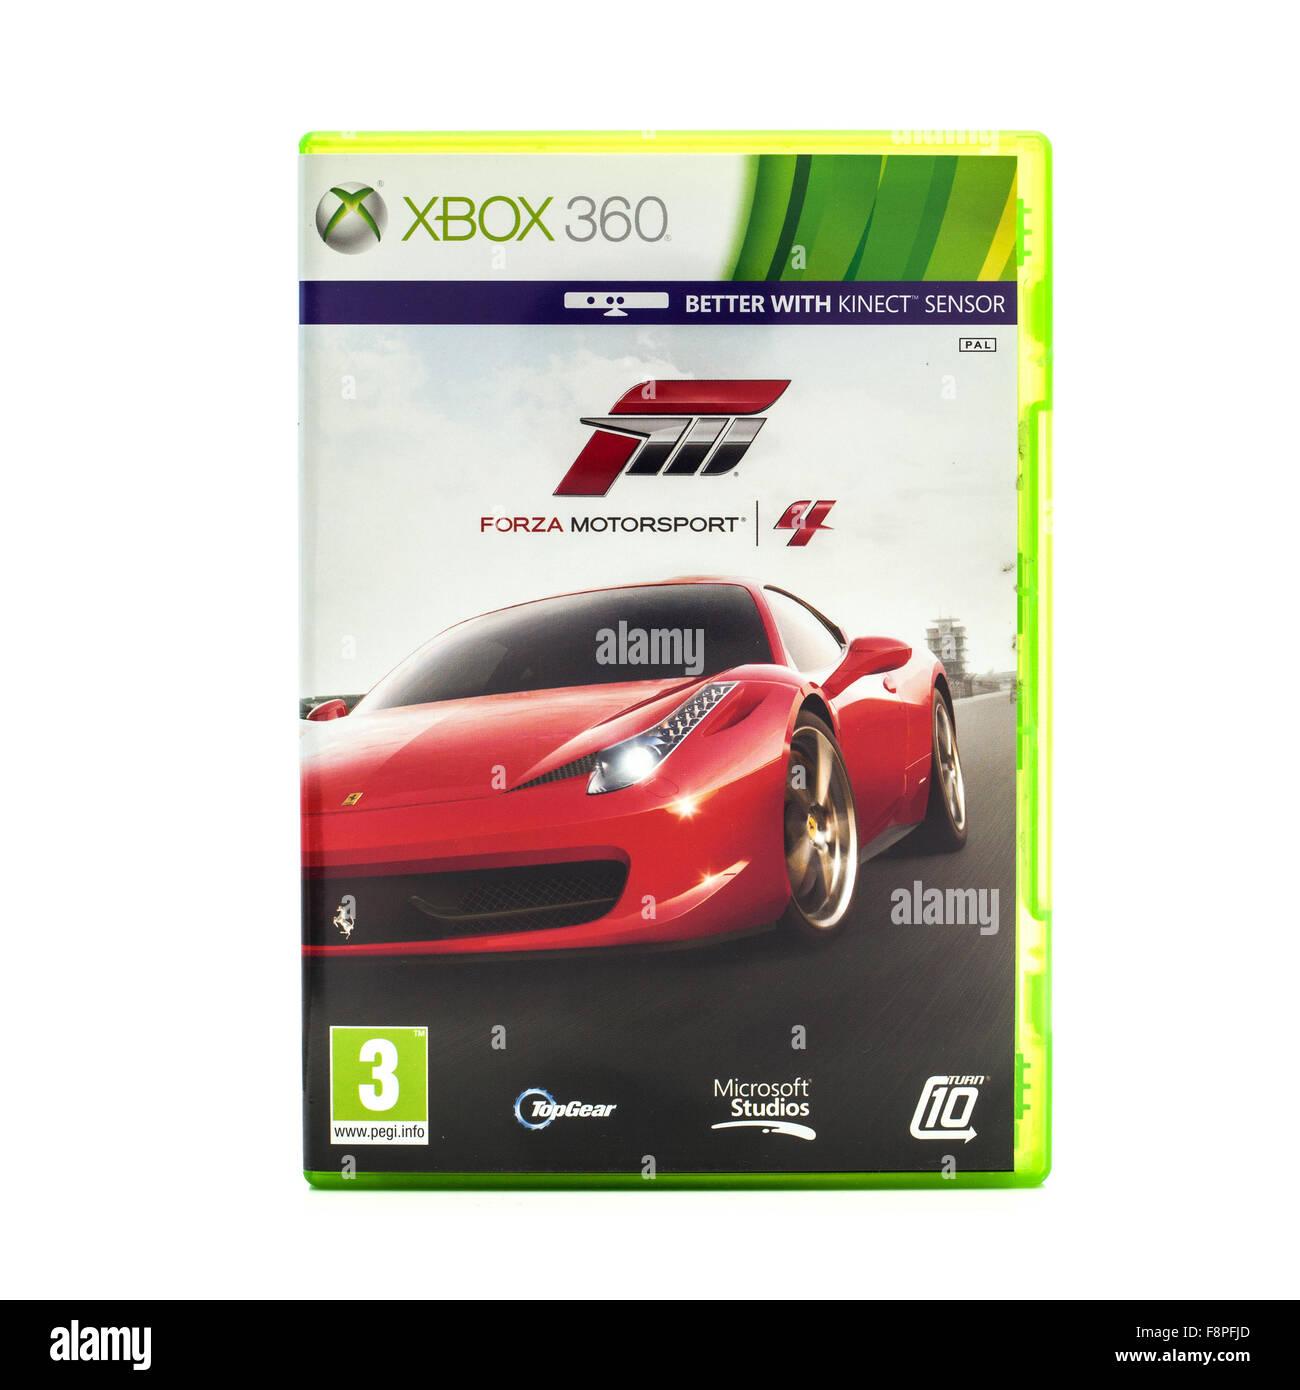 Forza Motorsport 4 Spiel für die Xbox 360 auf weißem Hintergrund Stockbild